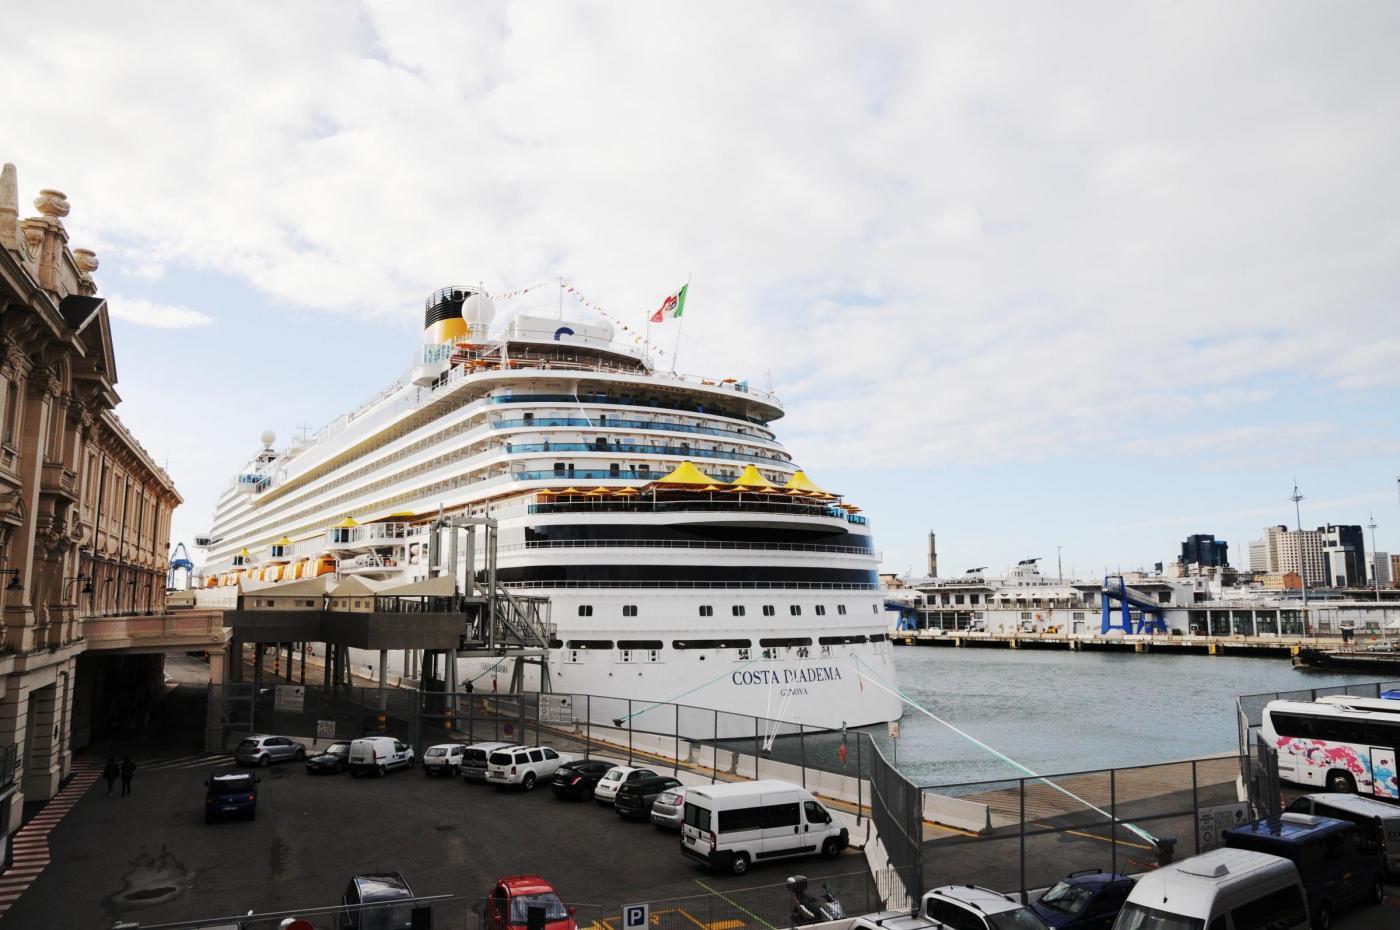 Costa Diadema: inaugurazione a Genova e itinerario